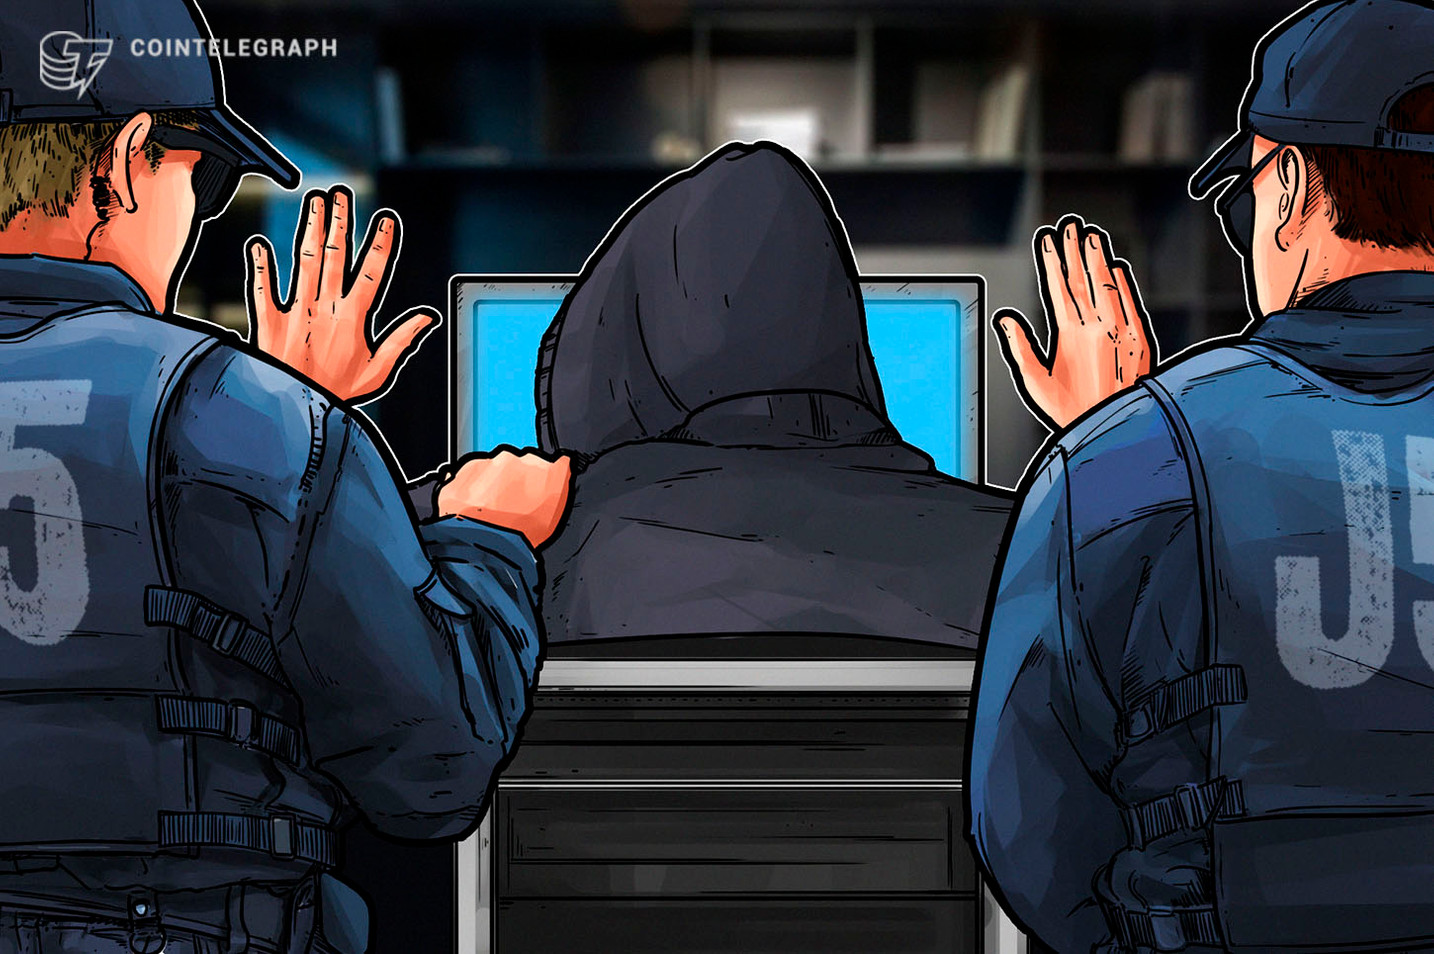 """Cinco naciones forman alianza para aplicación de impuestos para enfrentar """"amenazas"""" de cibercrimen y criptos"""